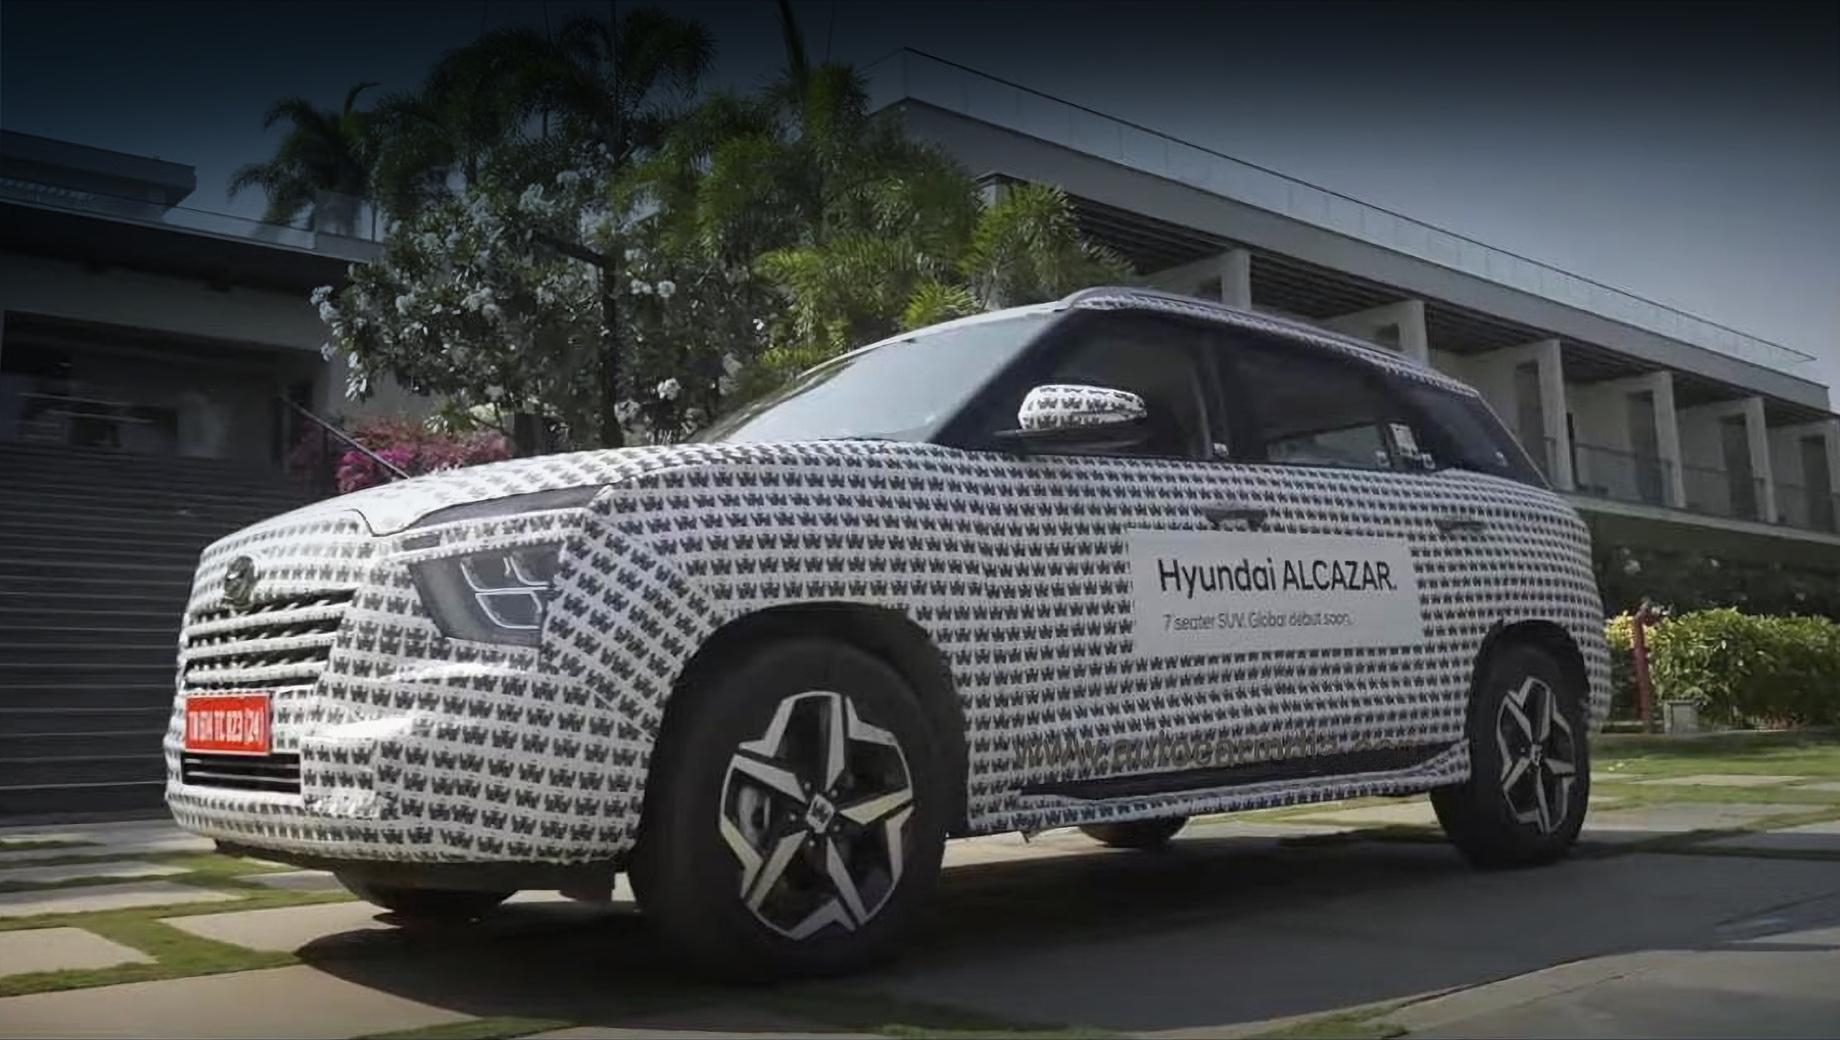 Дополнено: Hyundai Alcazar предложит Индии семь мест